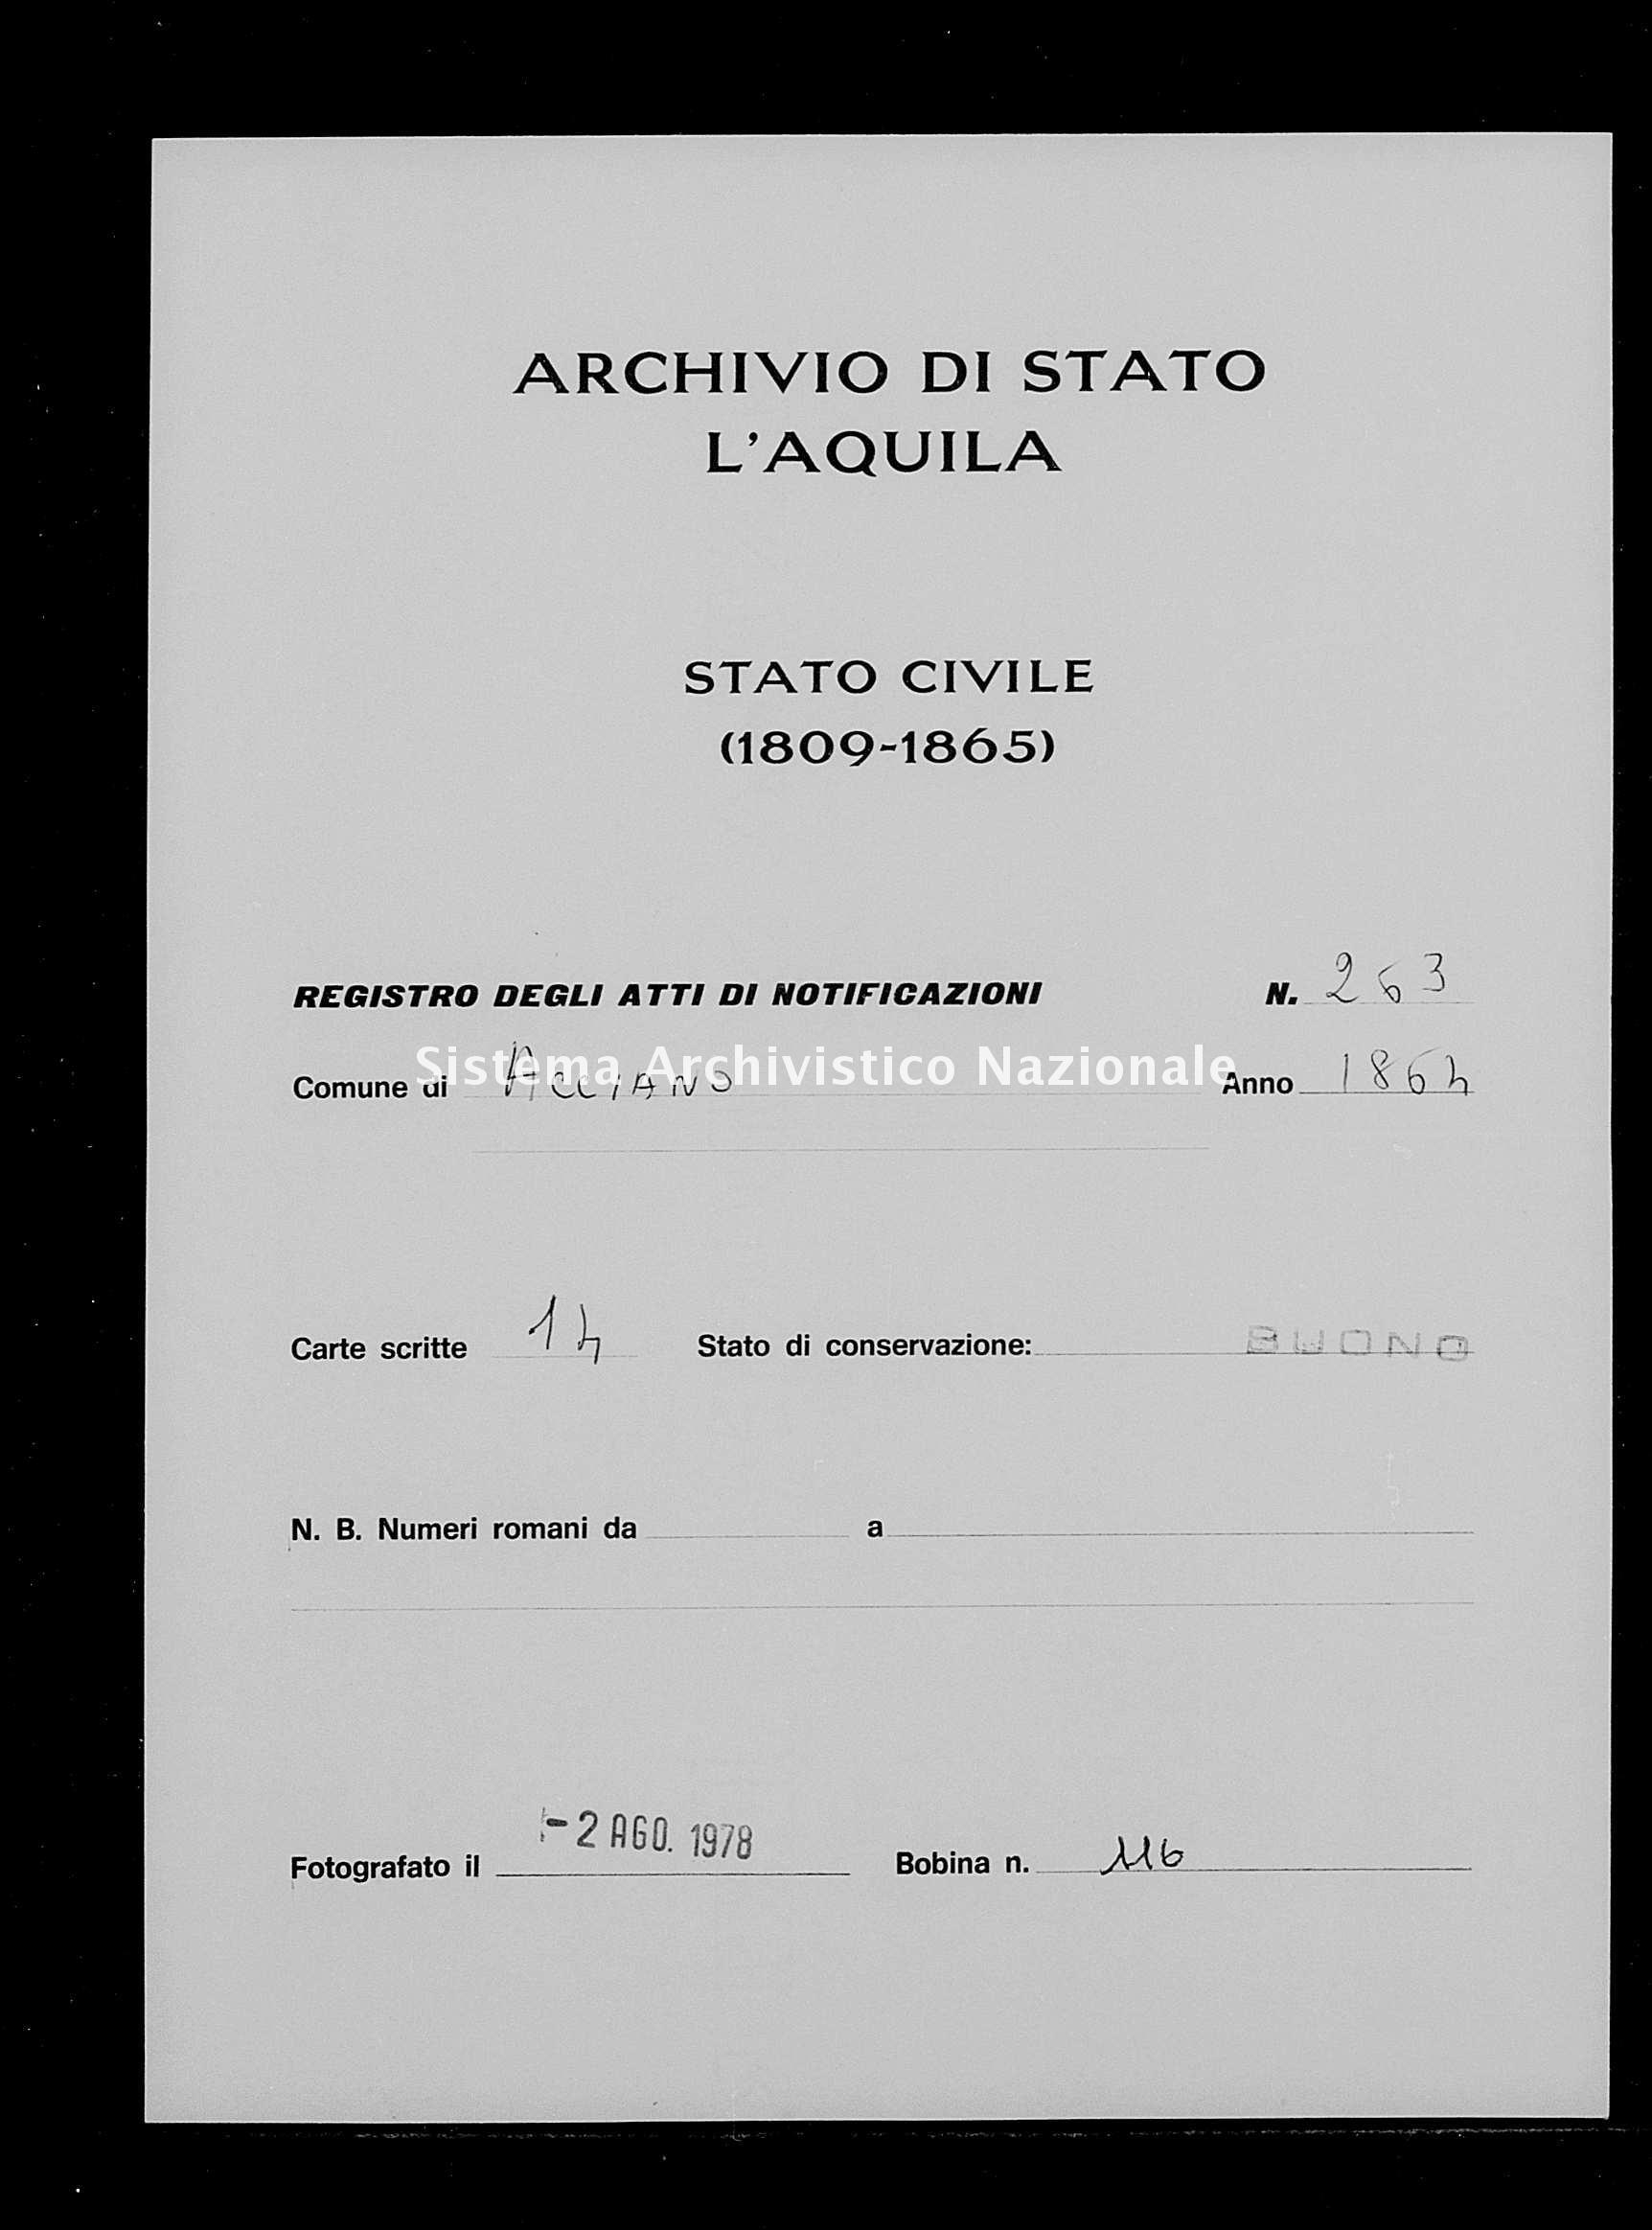 Archivio di stato di L'aquila - Stato civile italiano - Acciano - Matrimoni, memorandum notificazioni ed opposizioni - 1864 - 263 -